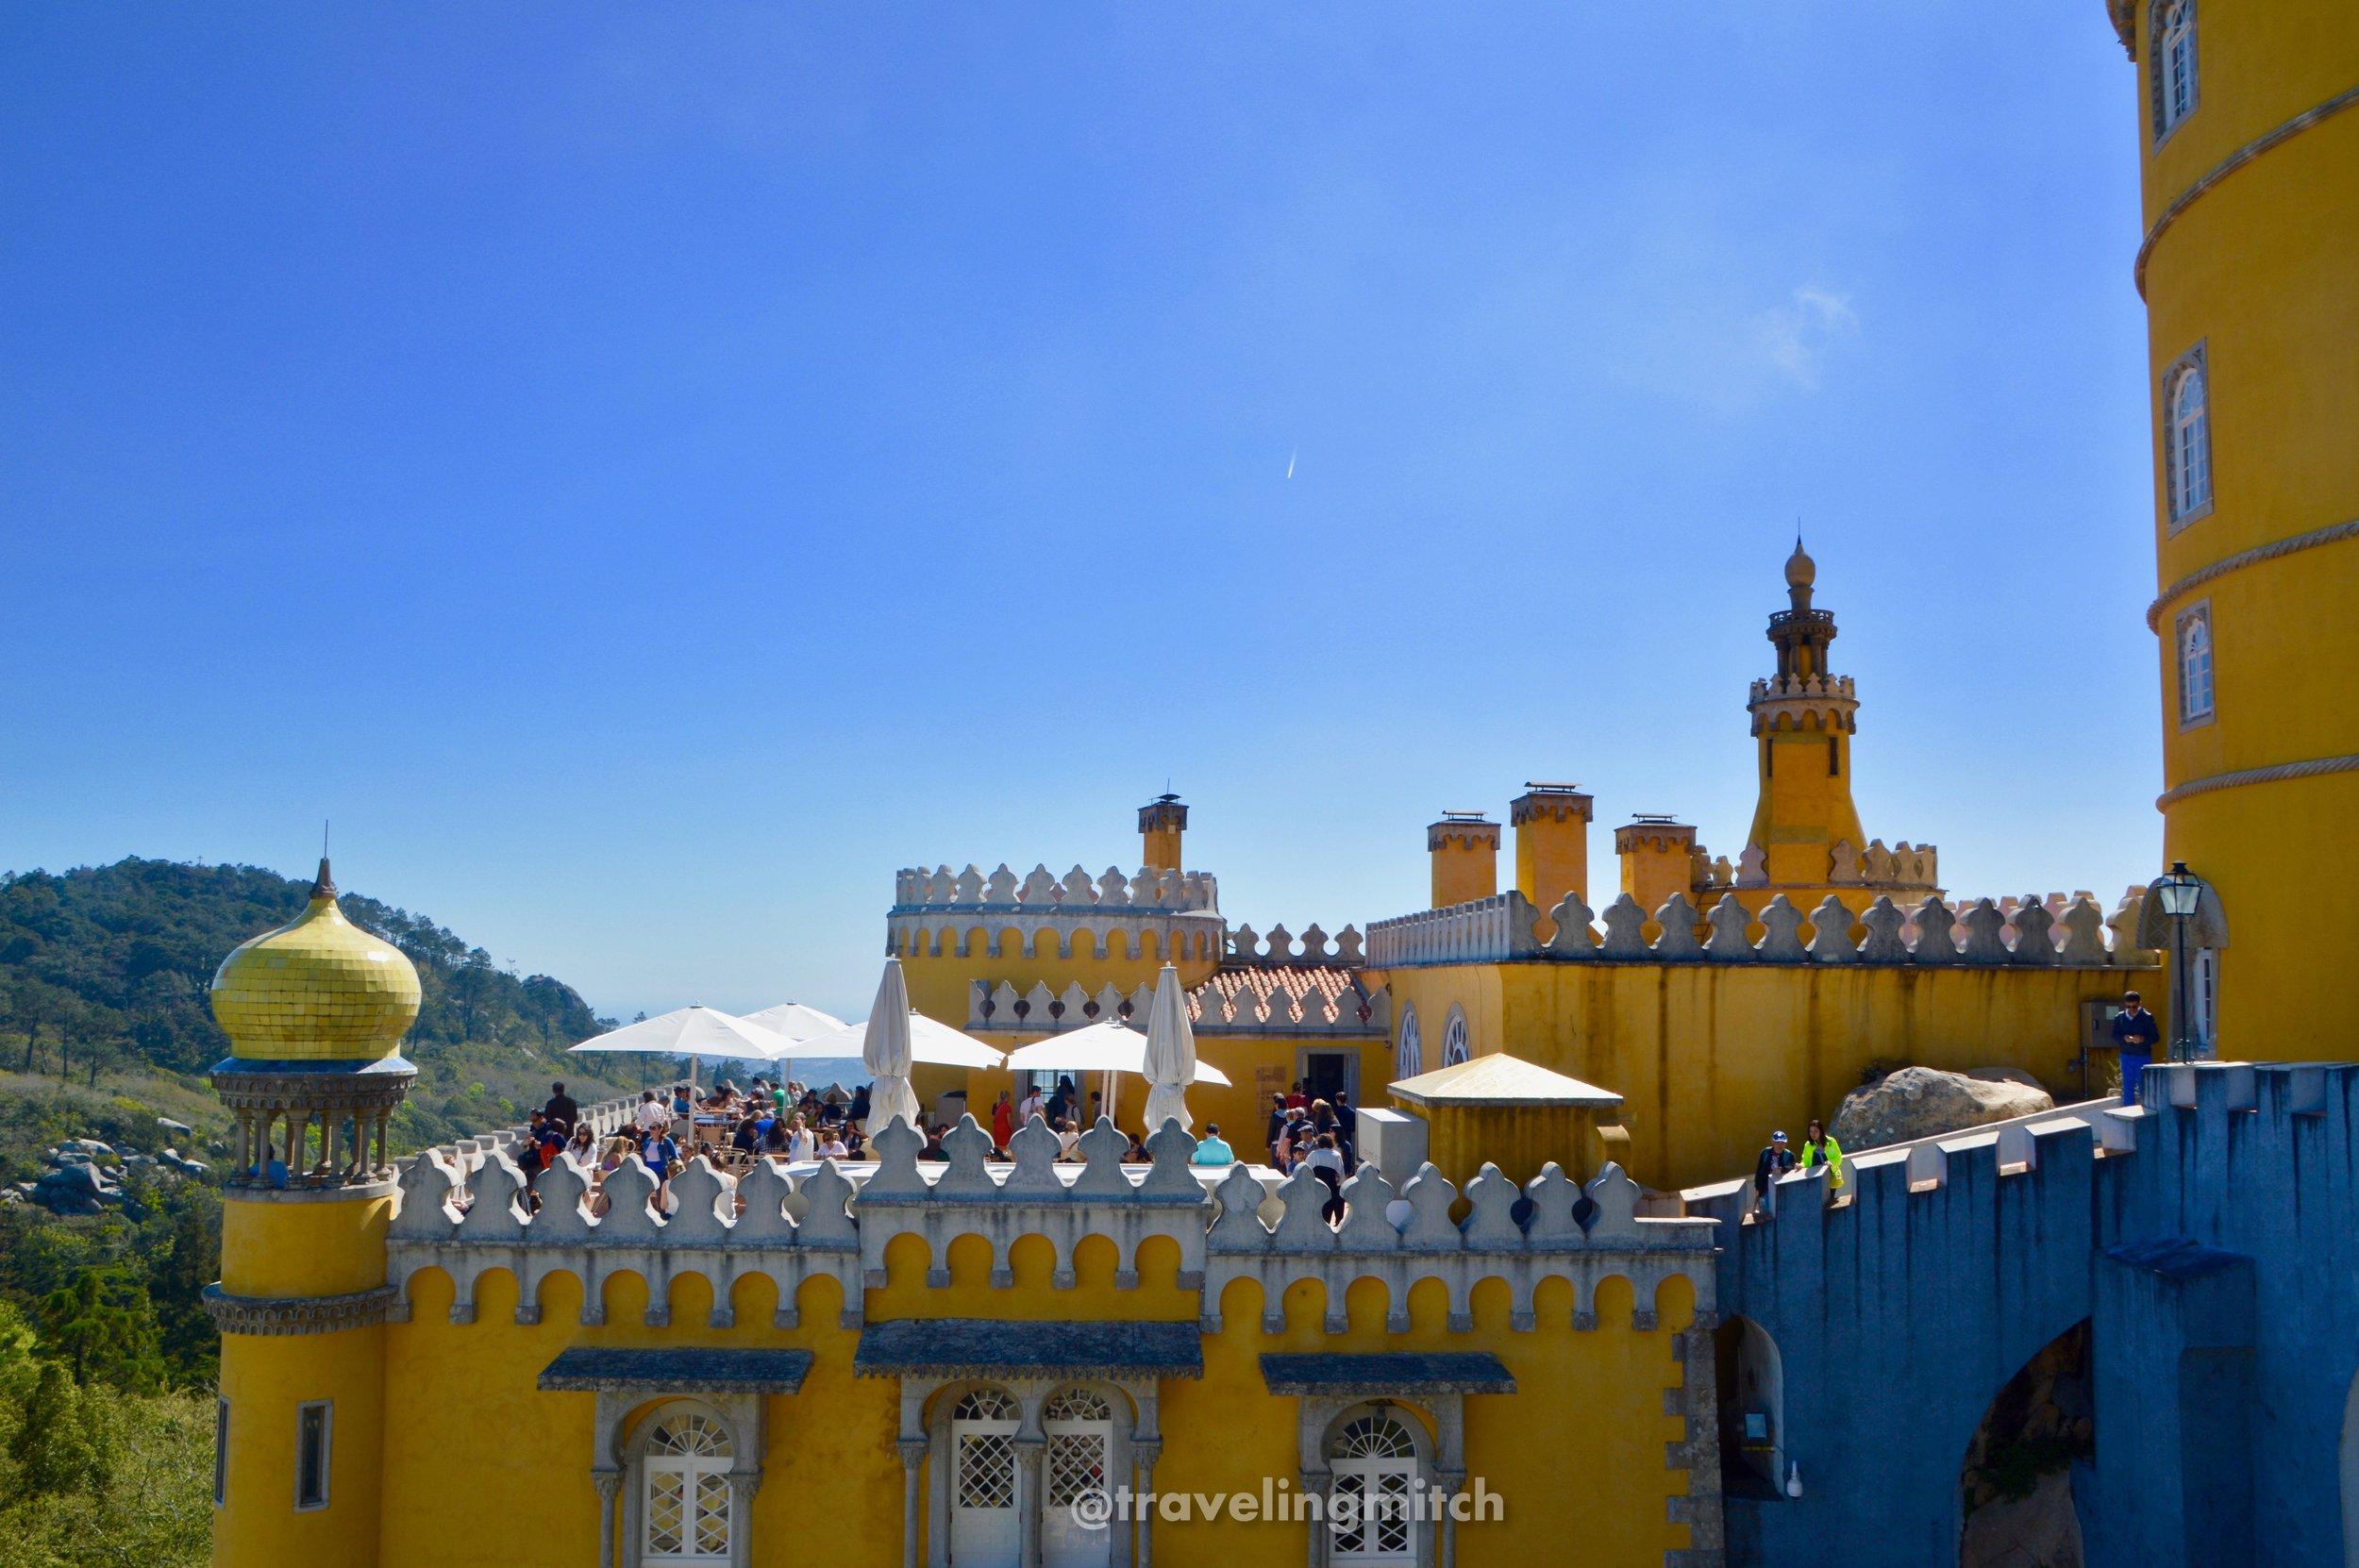 Palácio de Pena - Pena Palace